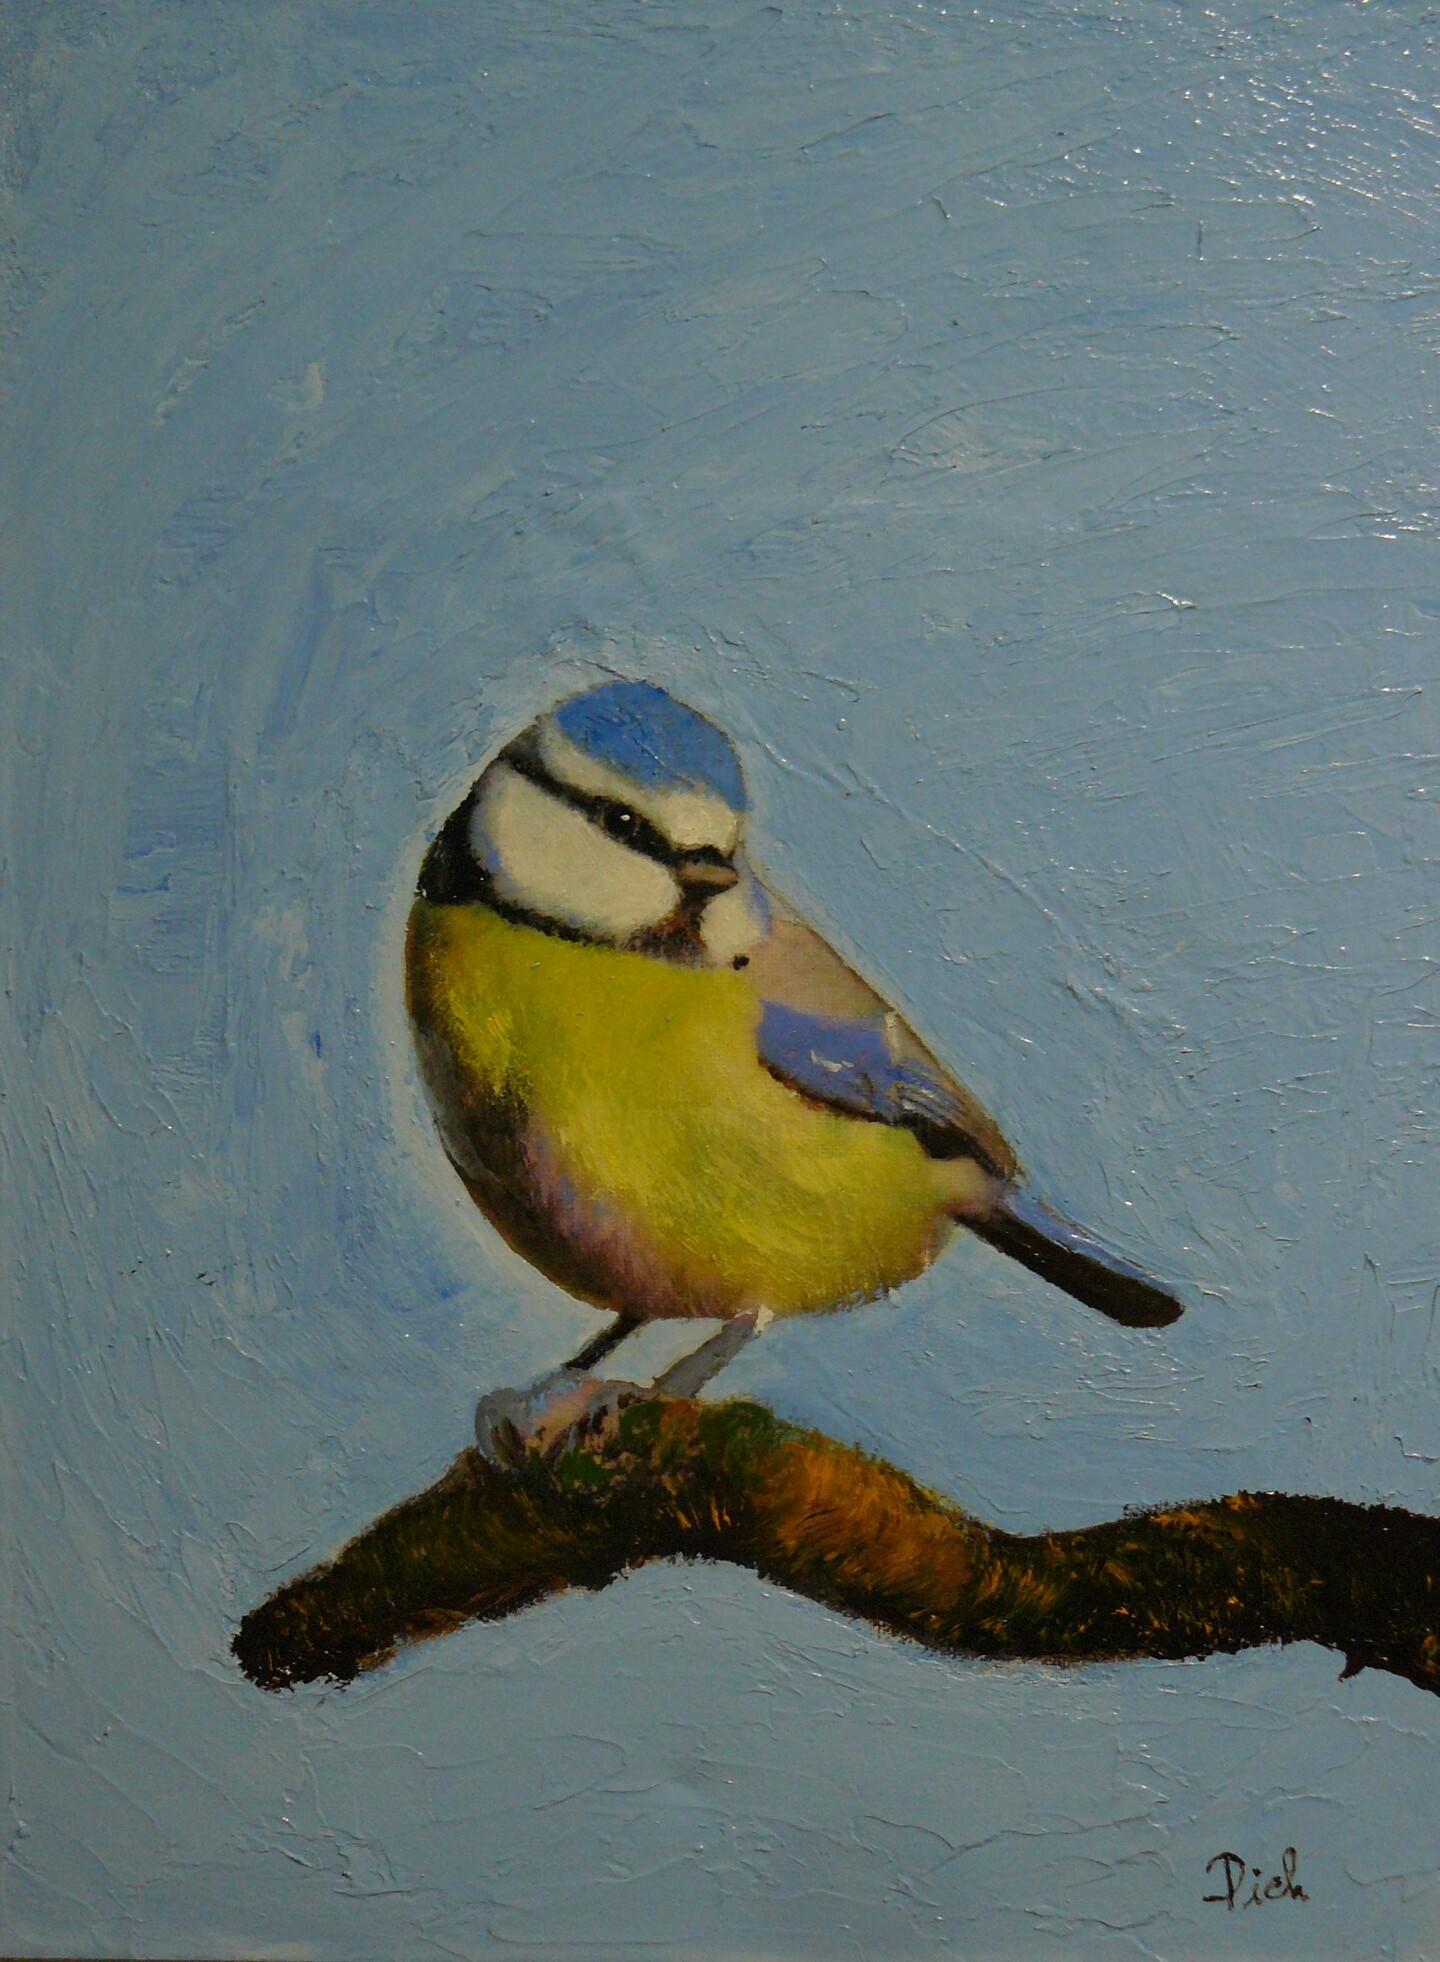 Pich - La mésange bleue